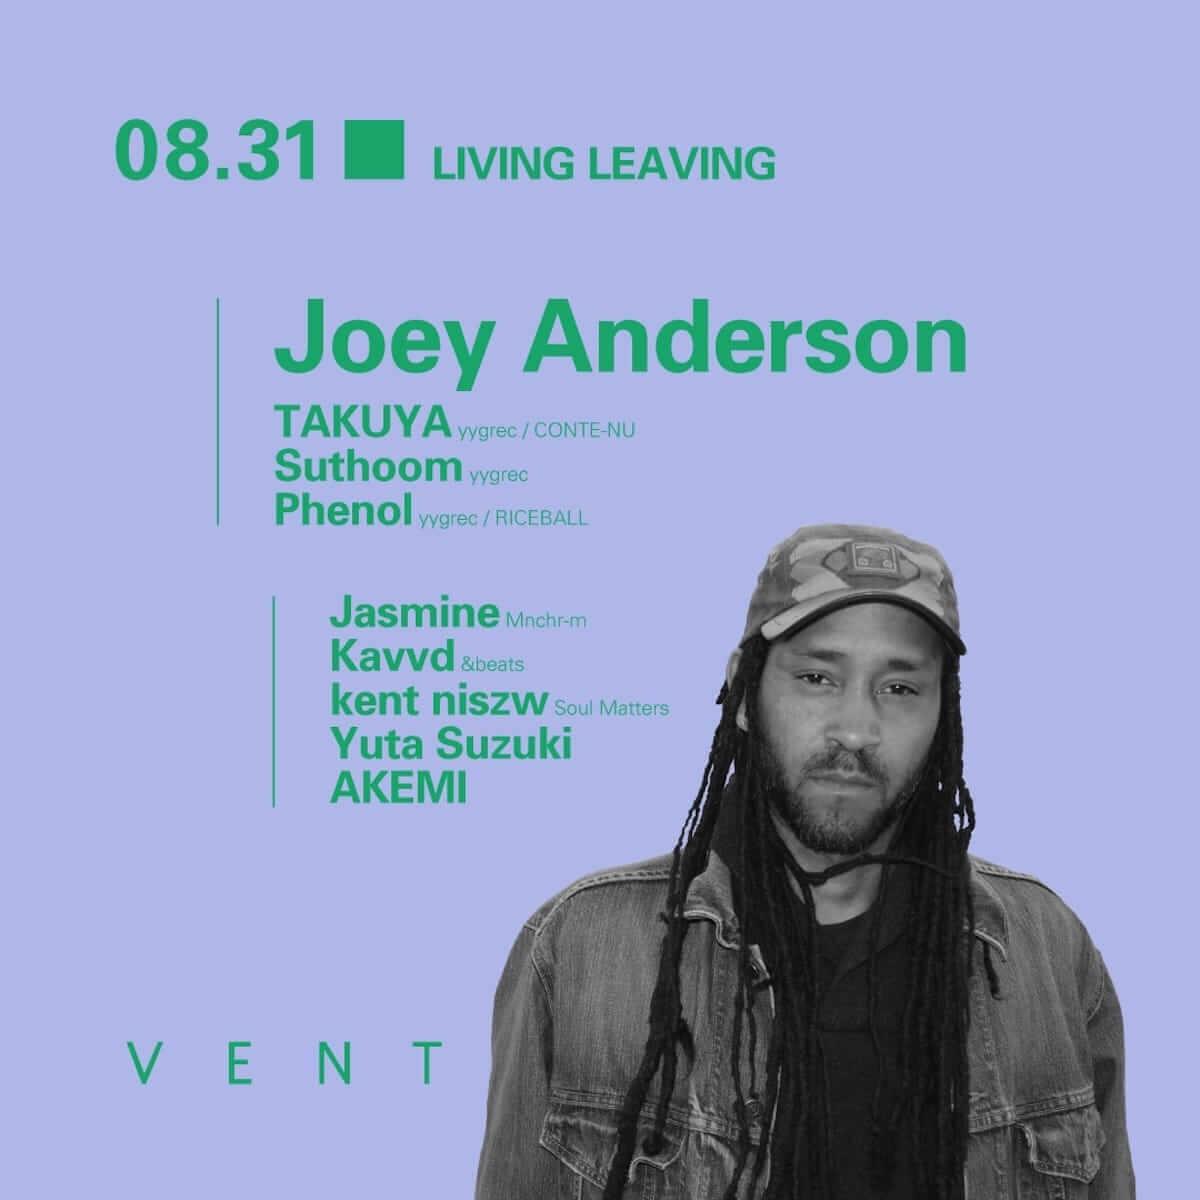 いまやDekmantleを代表するアーティストJoey AndersonがVENTで開催されるパーティー「LIVING LEAVING」に登場 music180823-joey-anderson-2-1200x1200